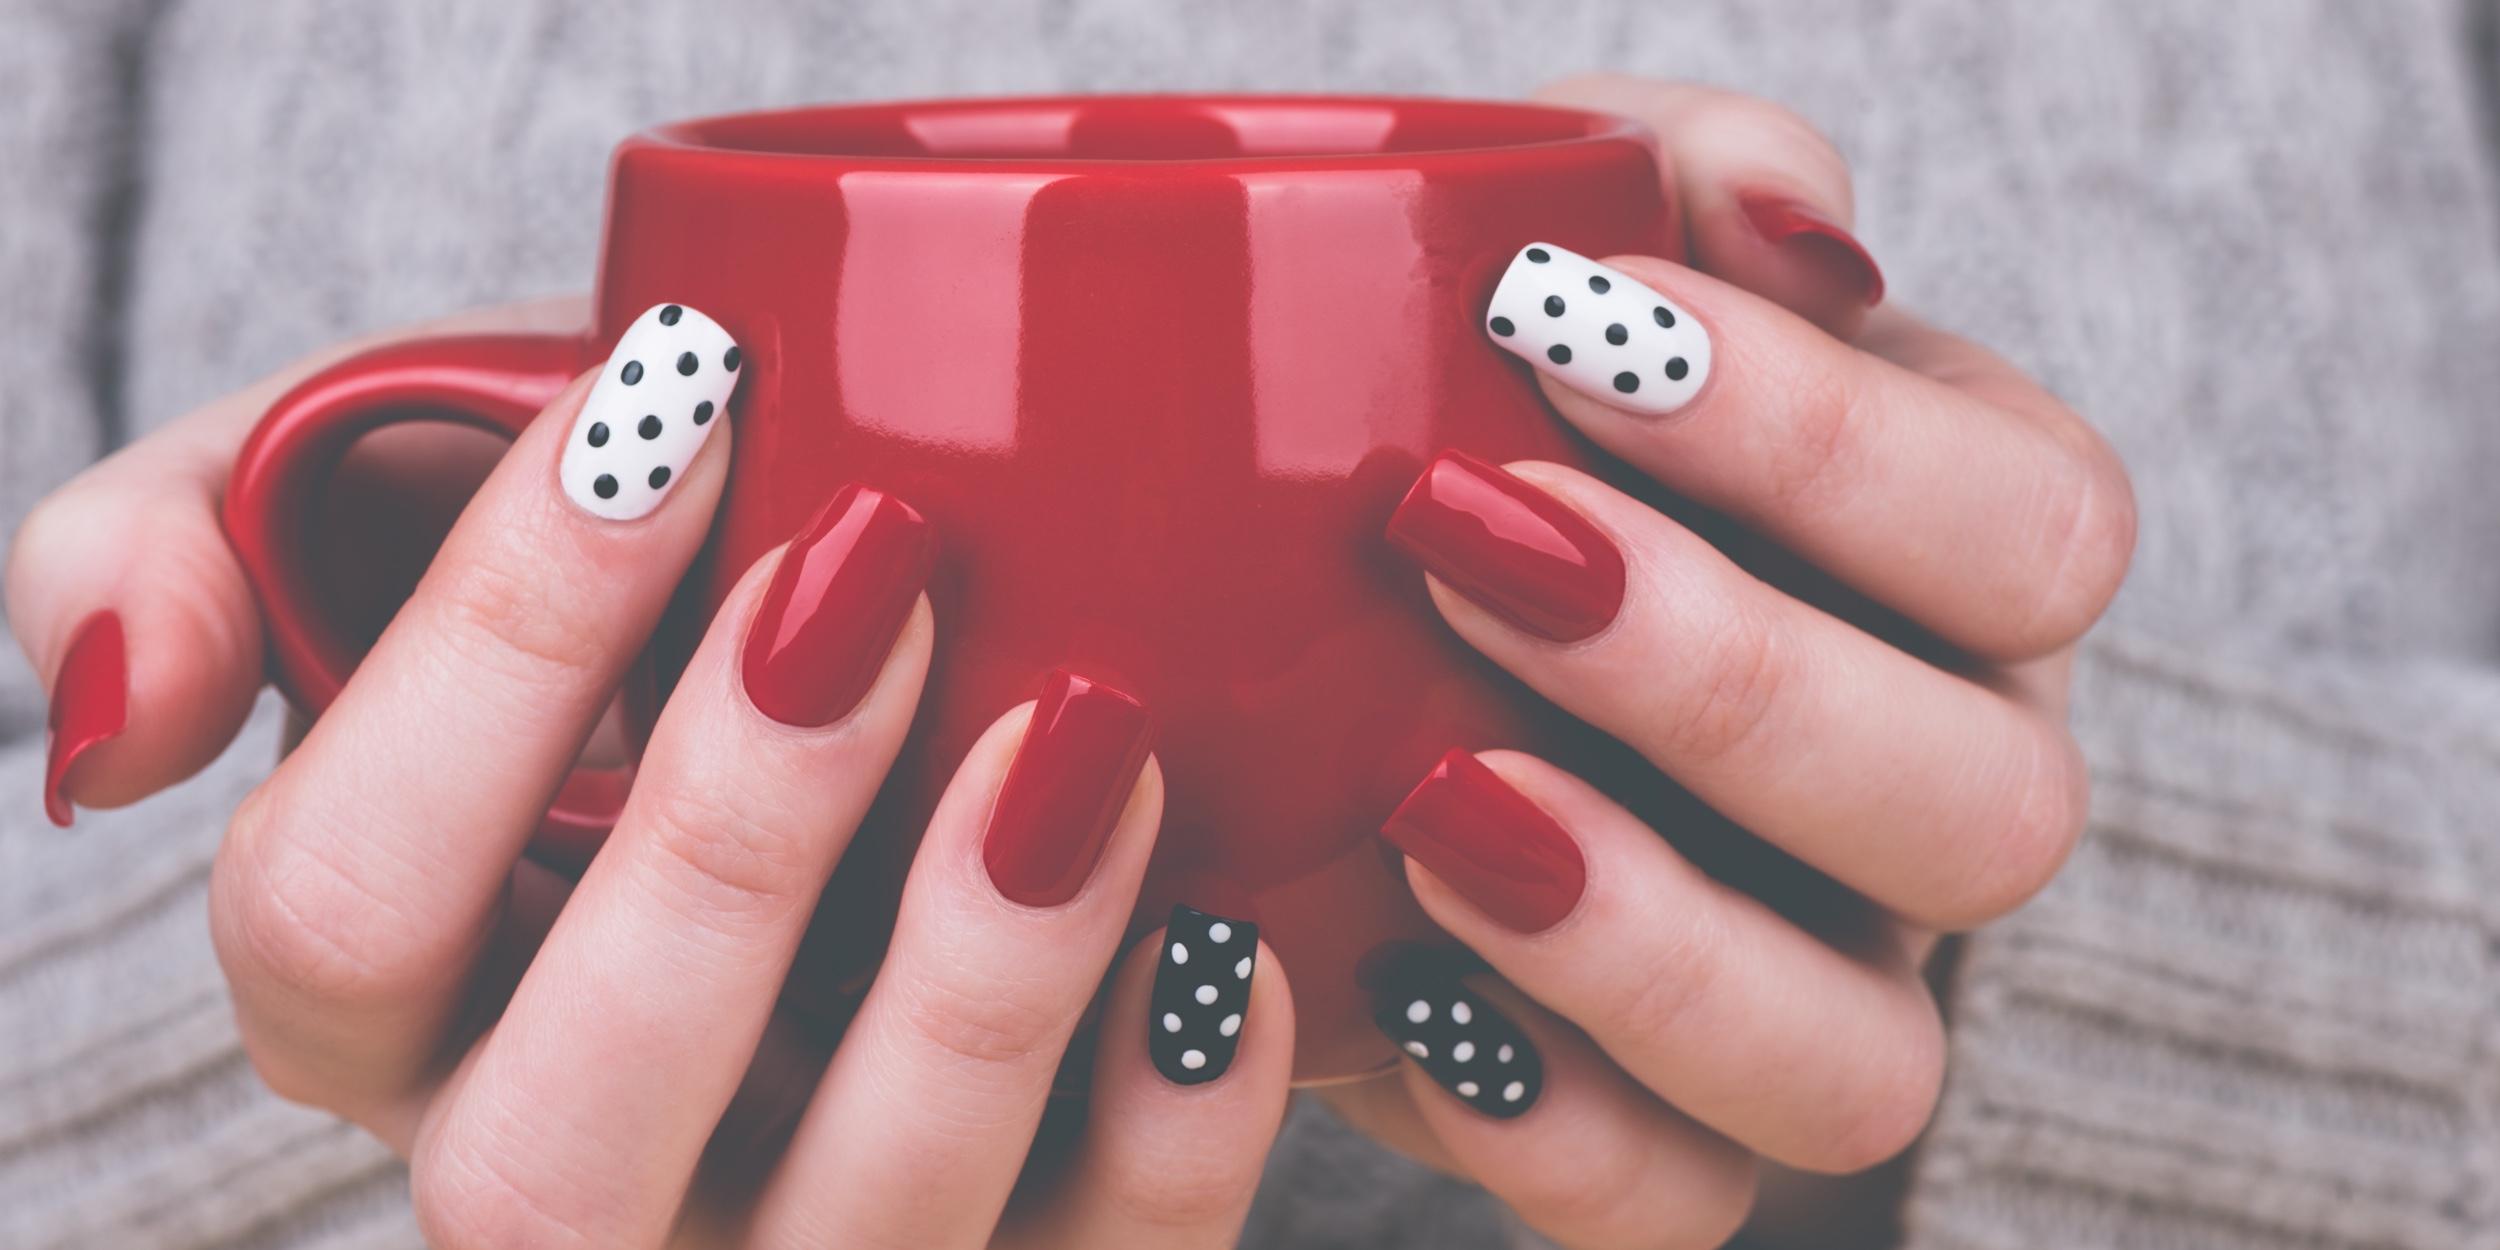 Как сделать красивый, красочный дизайн ногтей